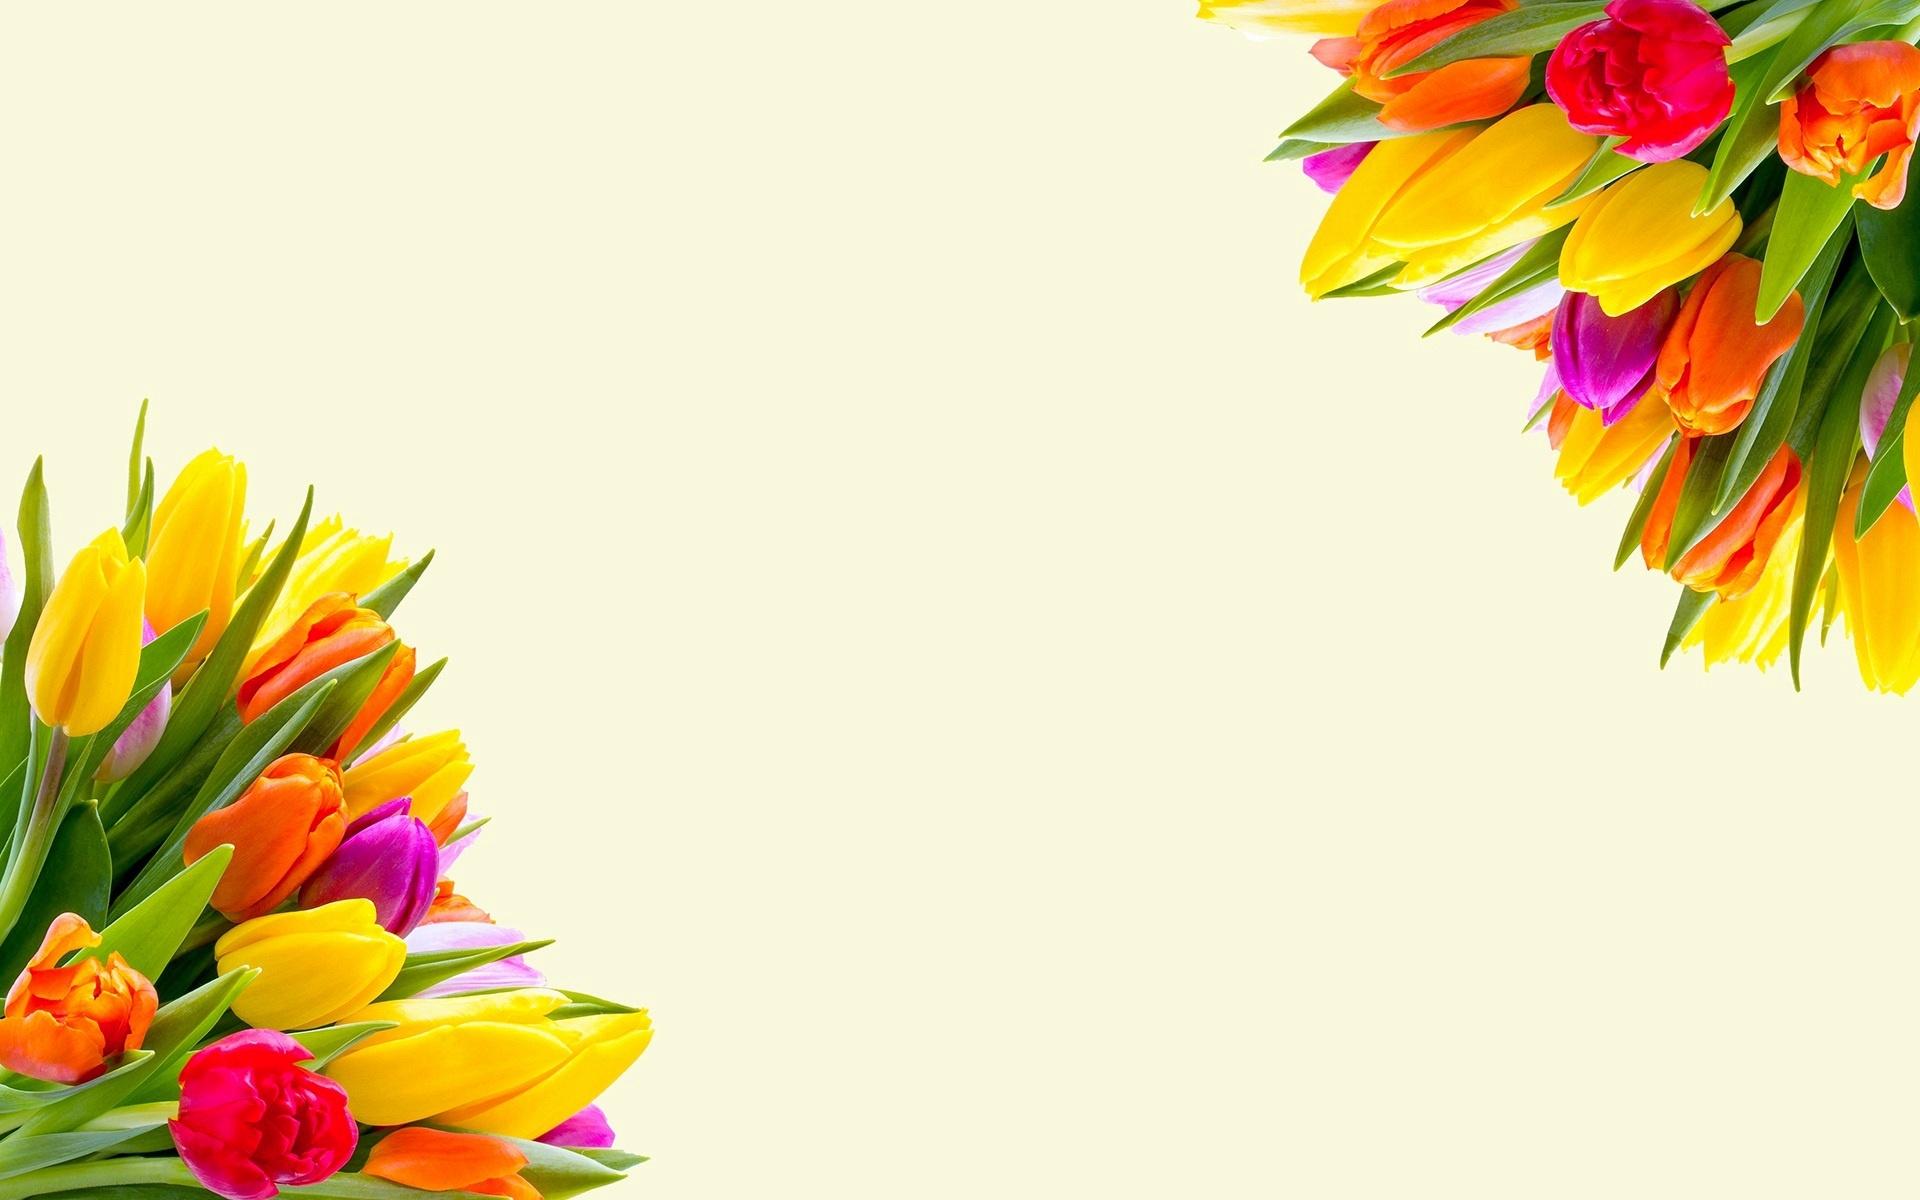 Красивые картинки с цветами для афиши цены скидки